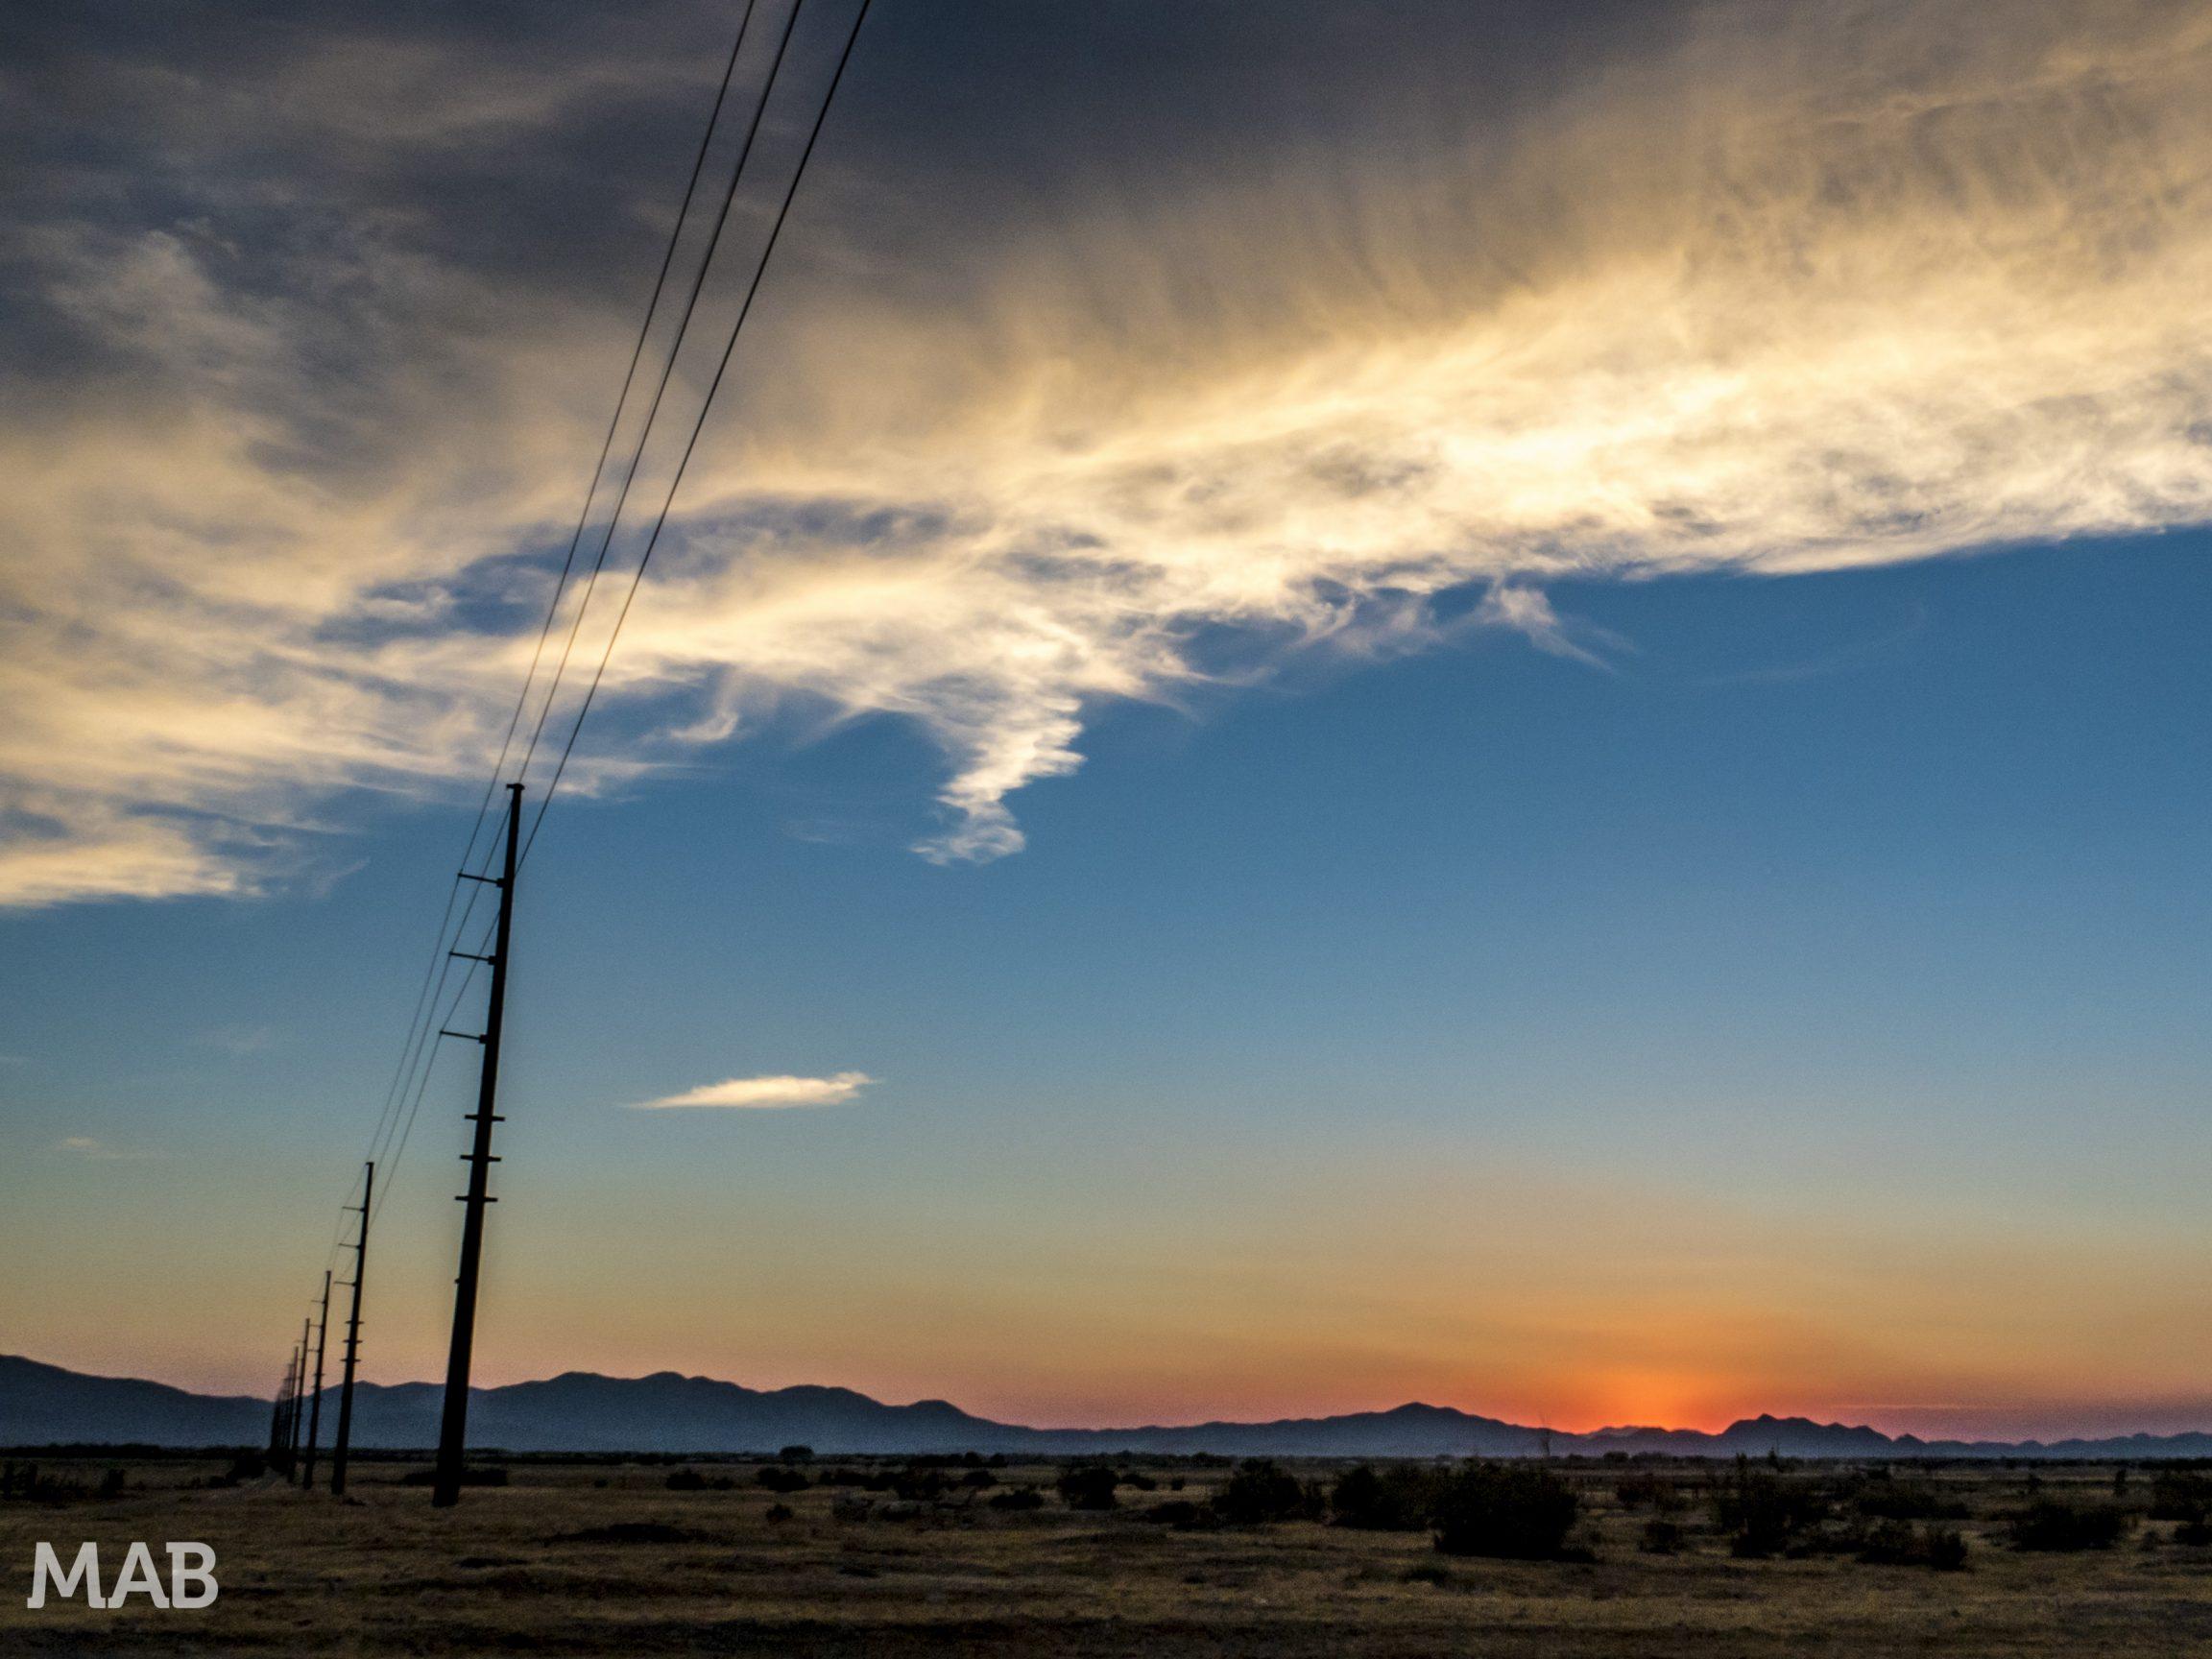 Sunset in Pahrump 2